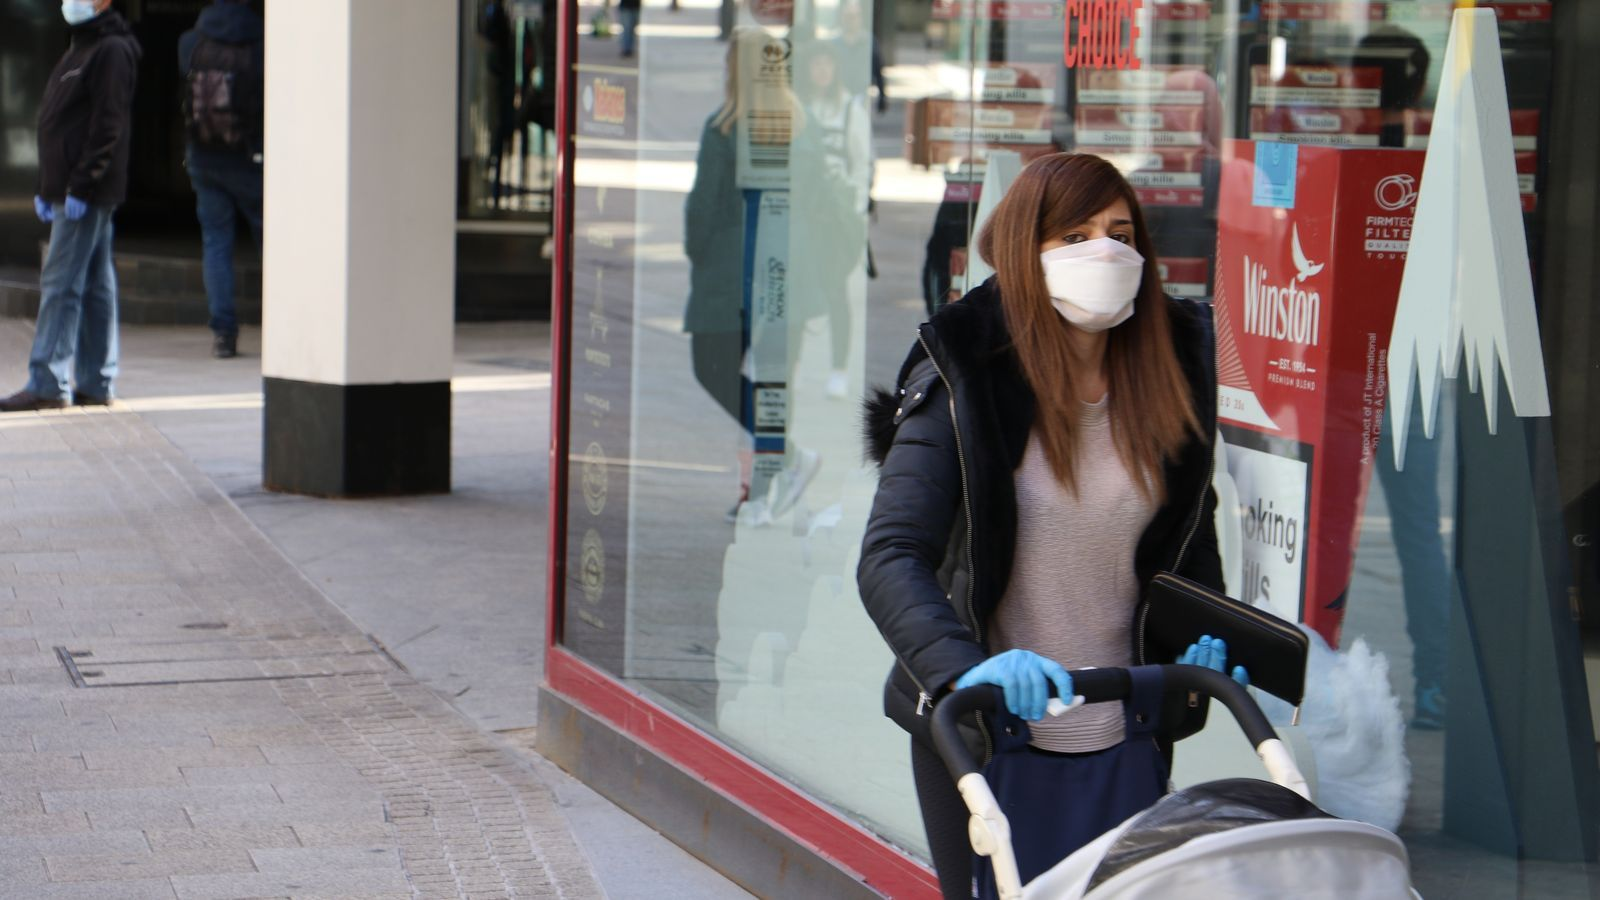 Una dona passeja amb el seu nadó portant mascareta i guants. / E.C. (ANA)